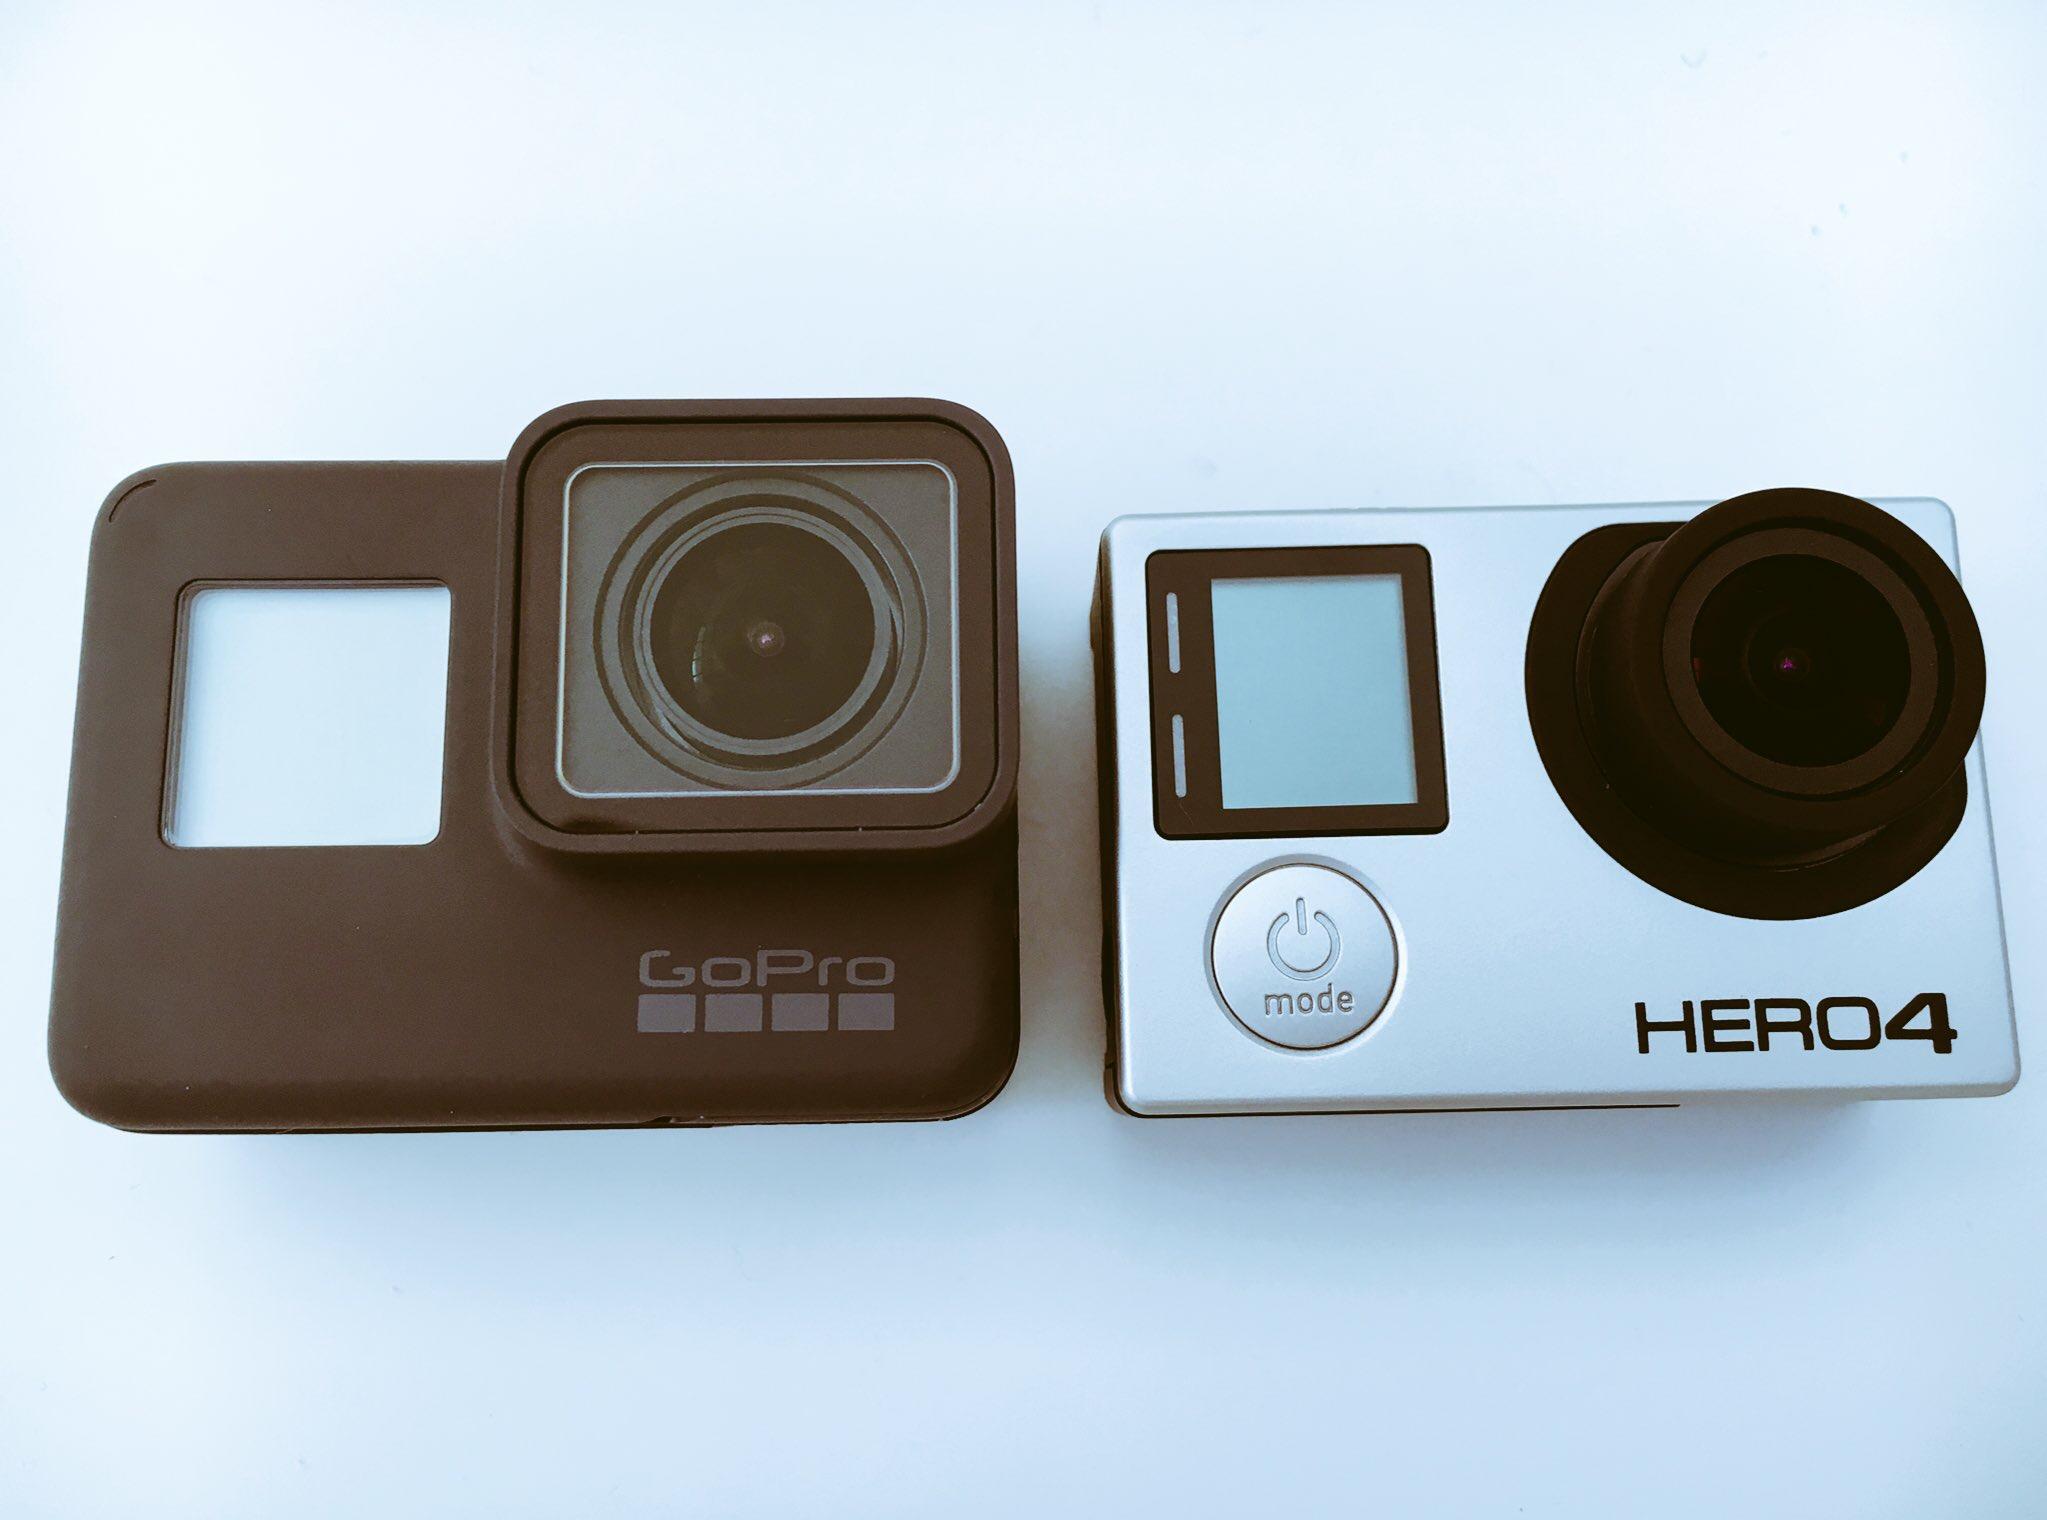 gopro hero5 blackとhero4 black徹底外観比較